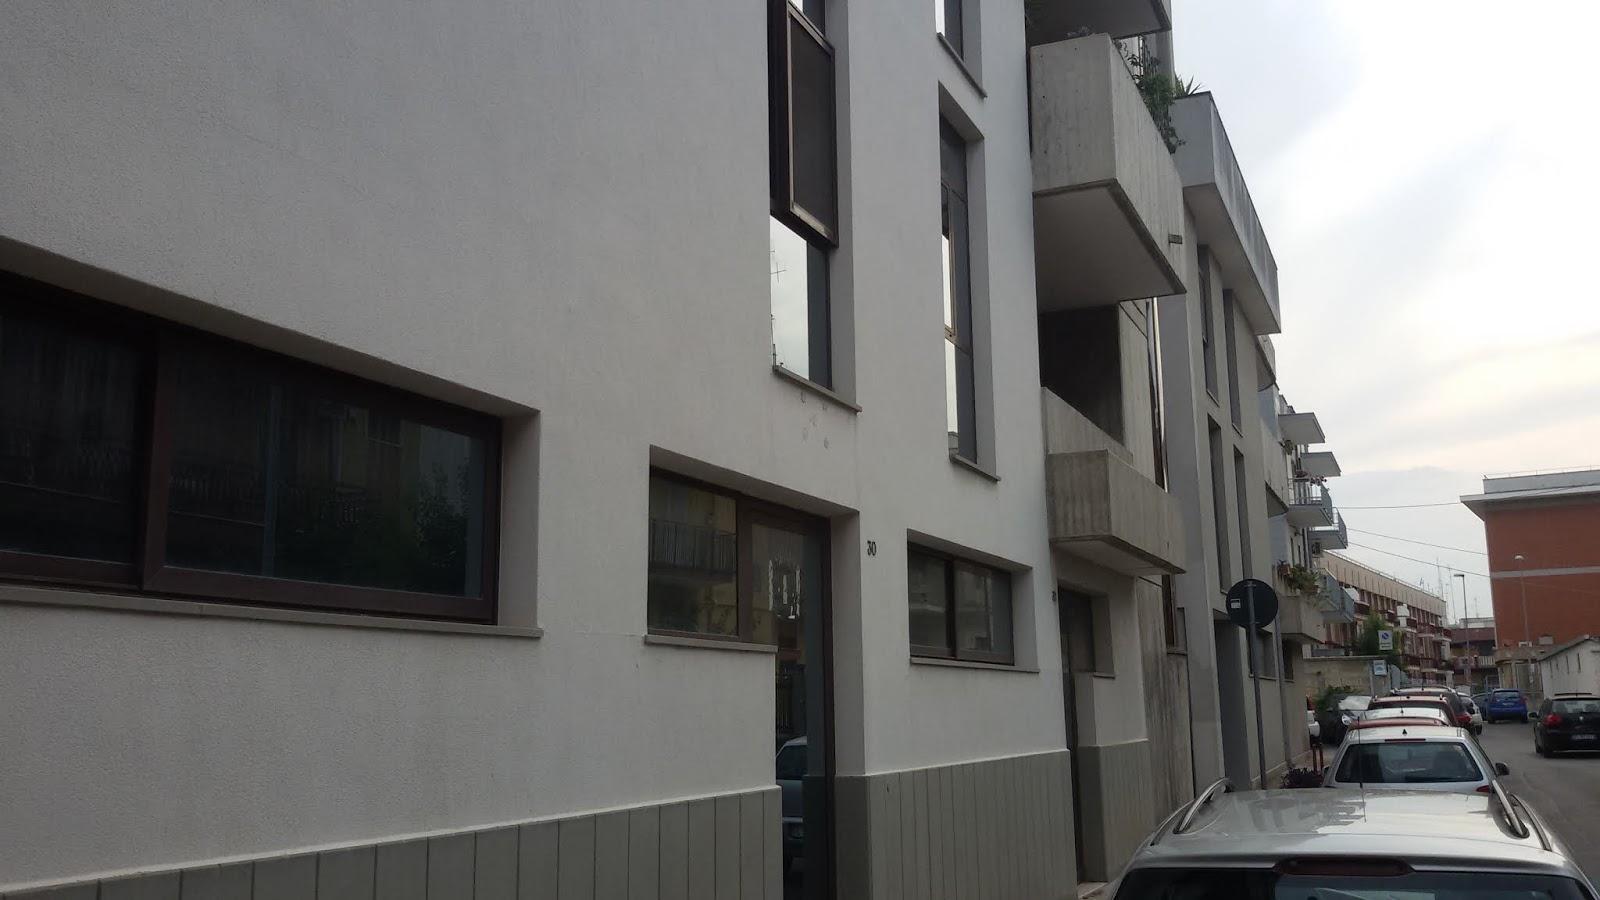 Amica immobiliare bari it immobili in locazione for Contratto locazione arredato